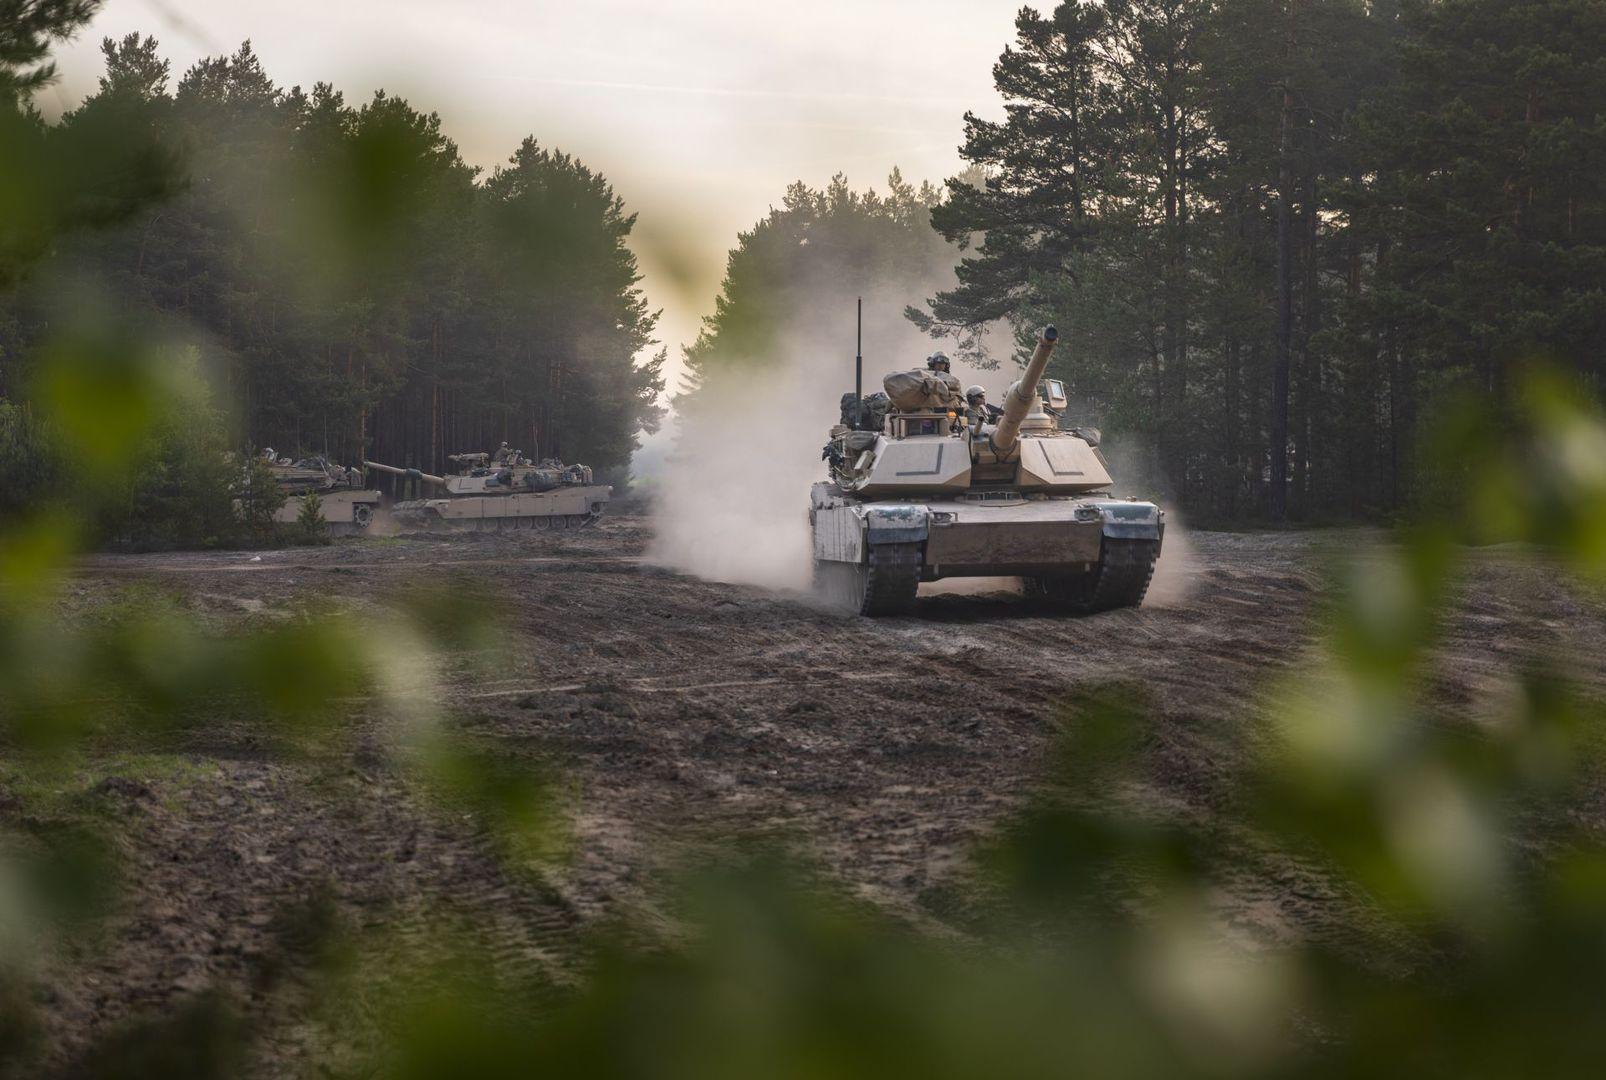 M1A2 Abrams tanks